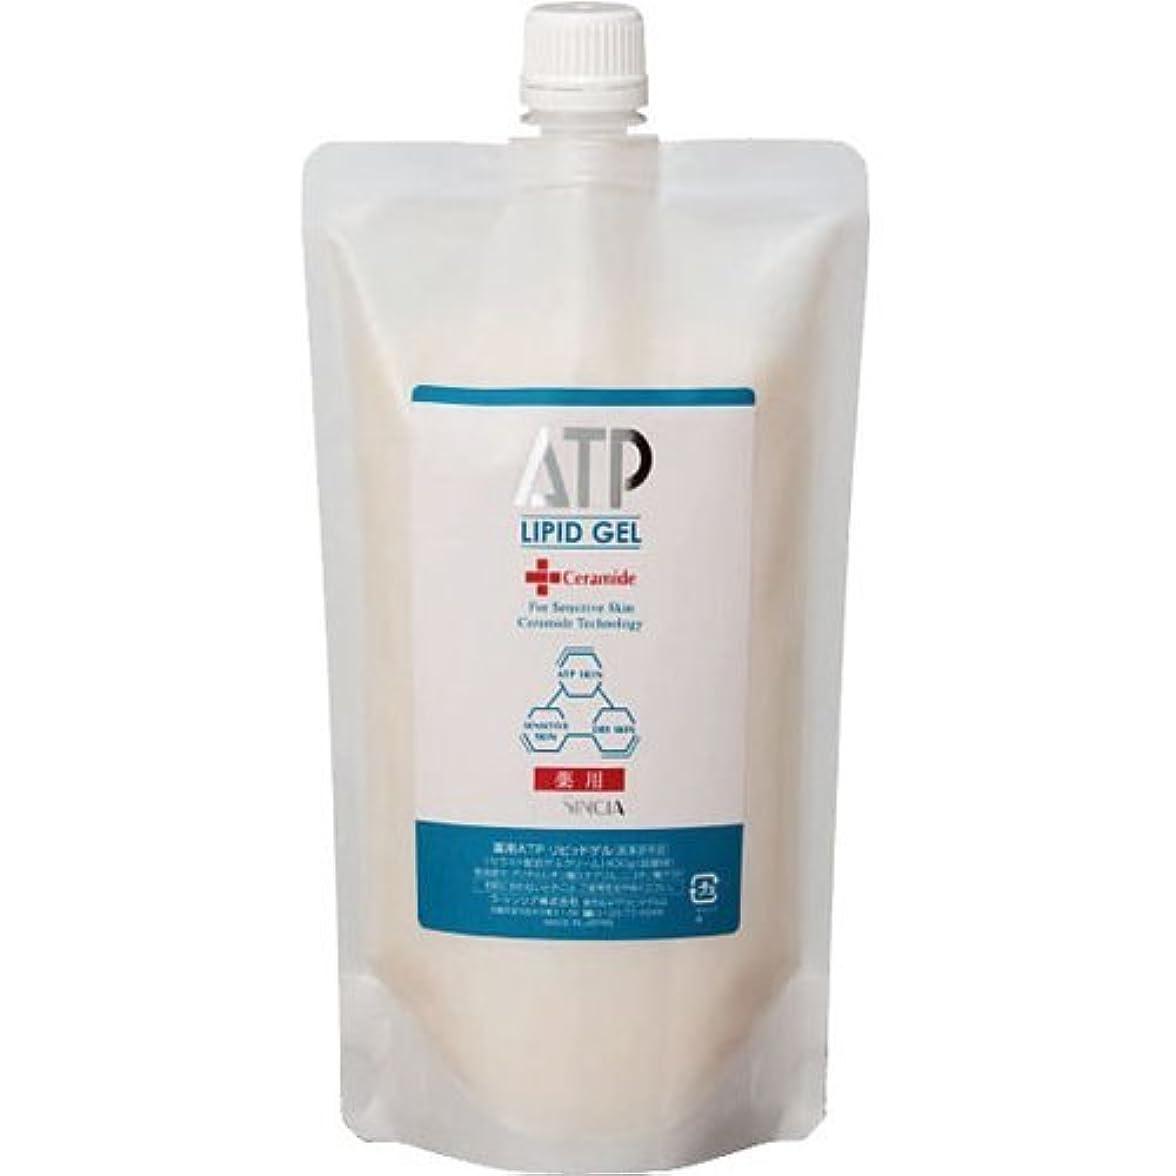 バリー地球高潔なラシンシア 薬用ATPリピッドゲル 400g(詰替用) 【セラミド配合ゲルクリーム】